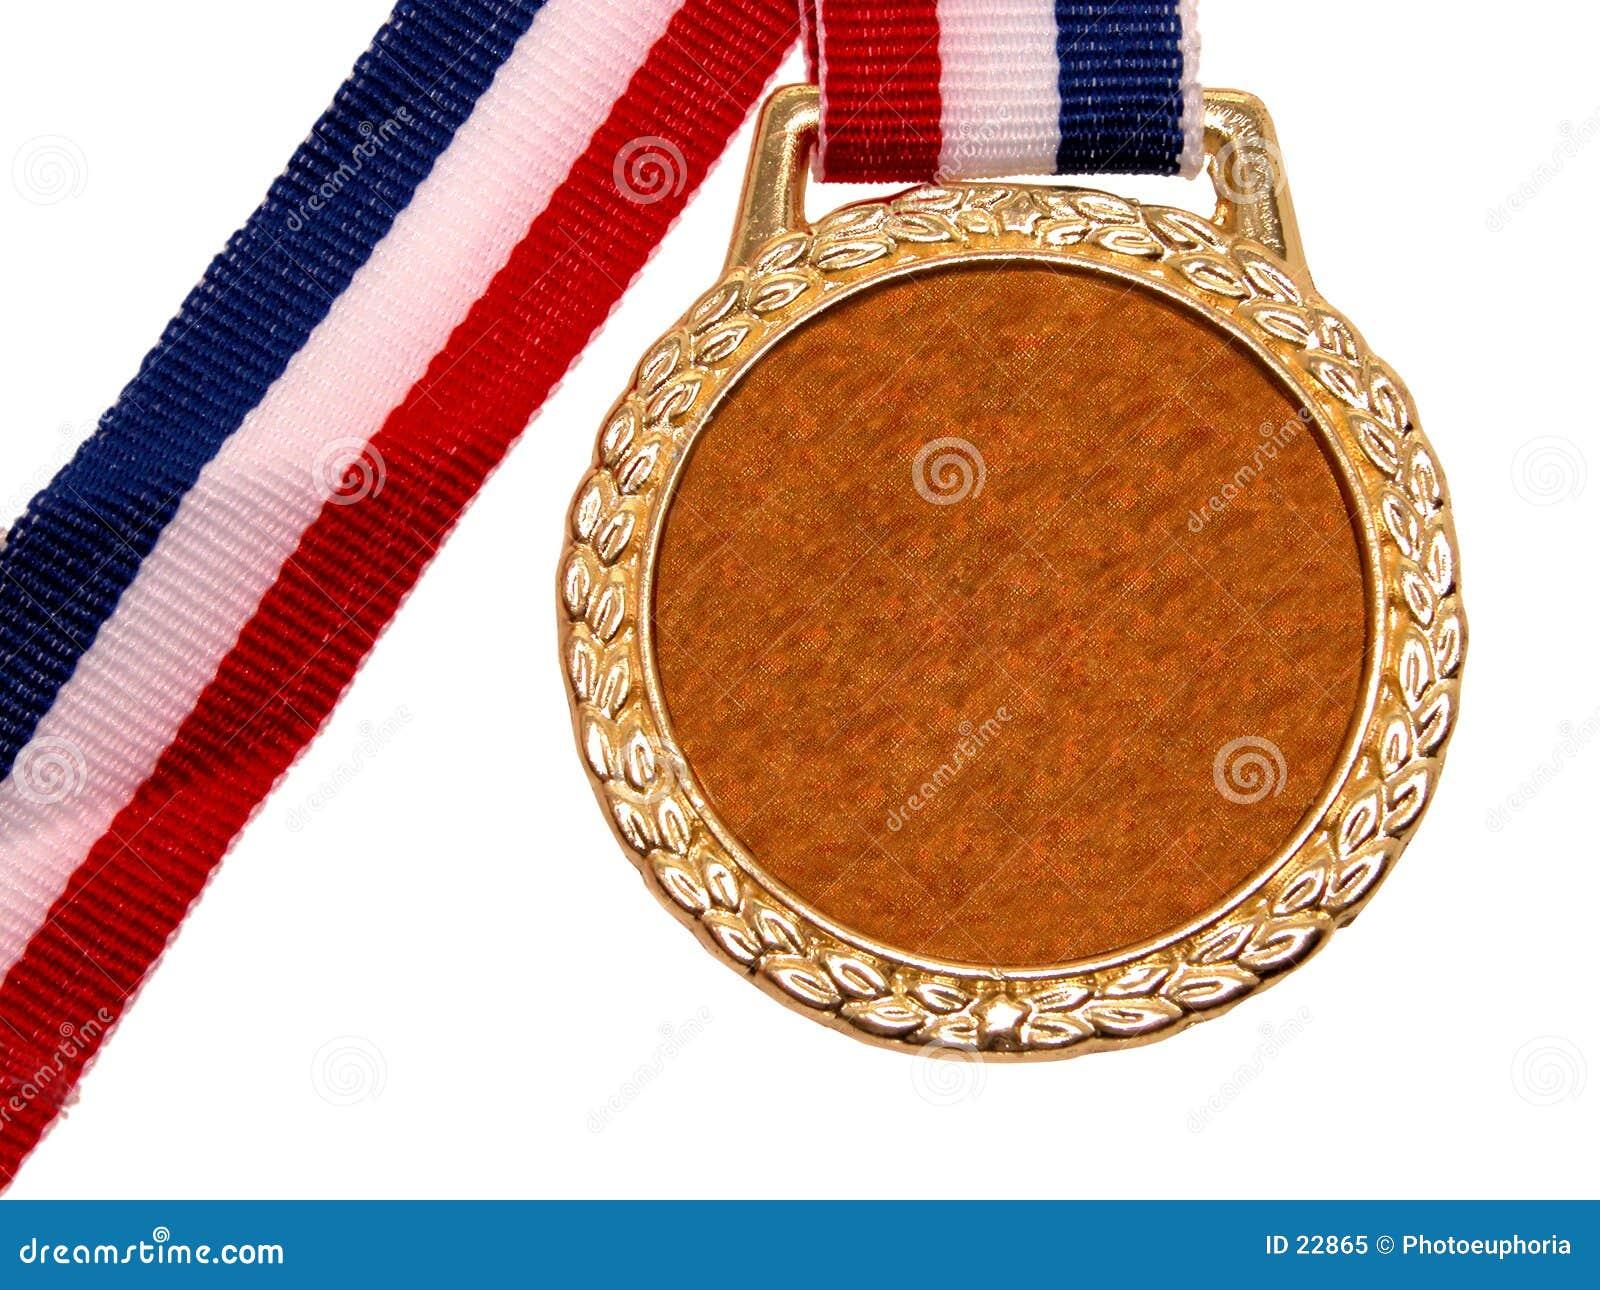 Medalla de oro brillante (1 de 2)